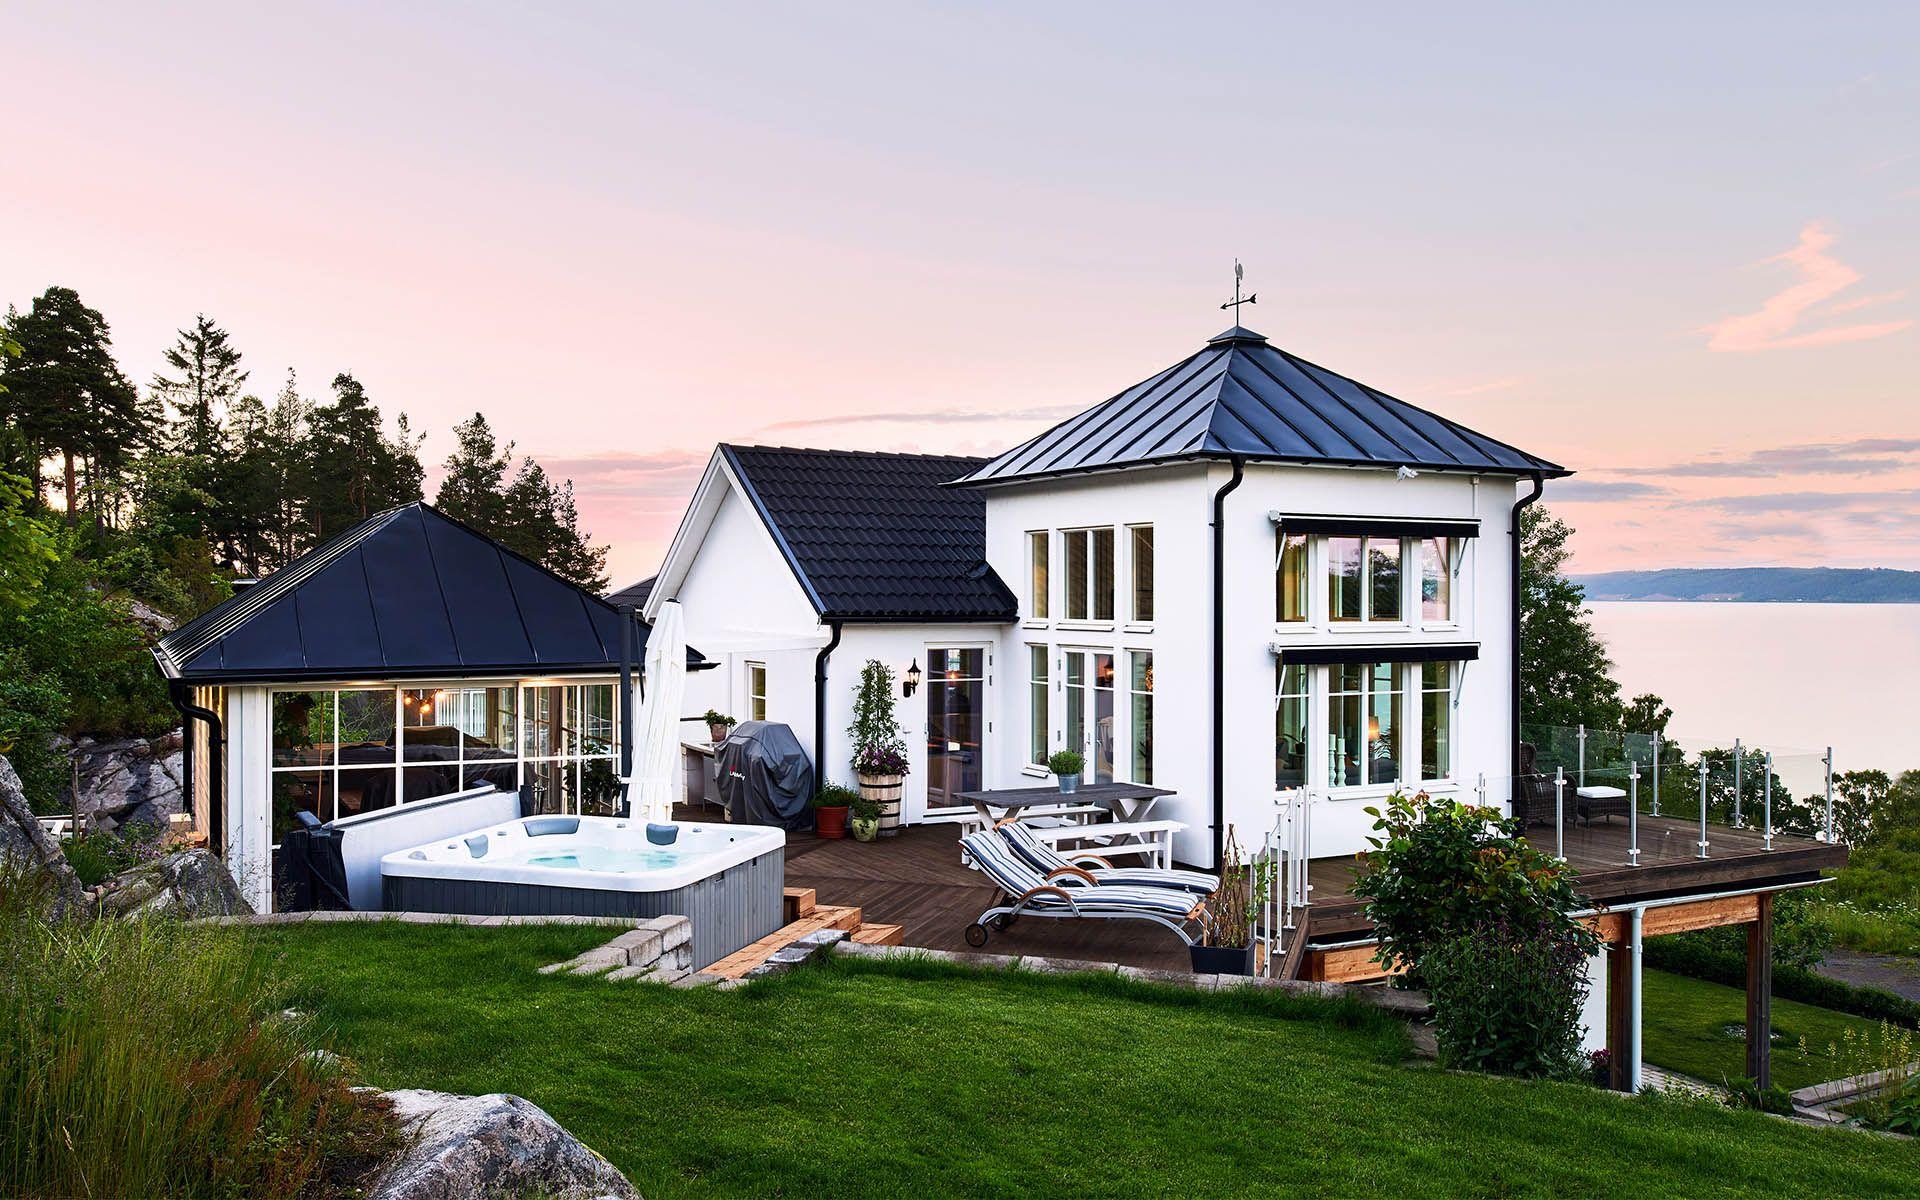 Kanadensiskt hus med modern inredning designad av ActDesign